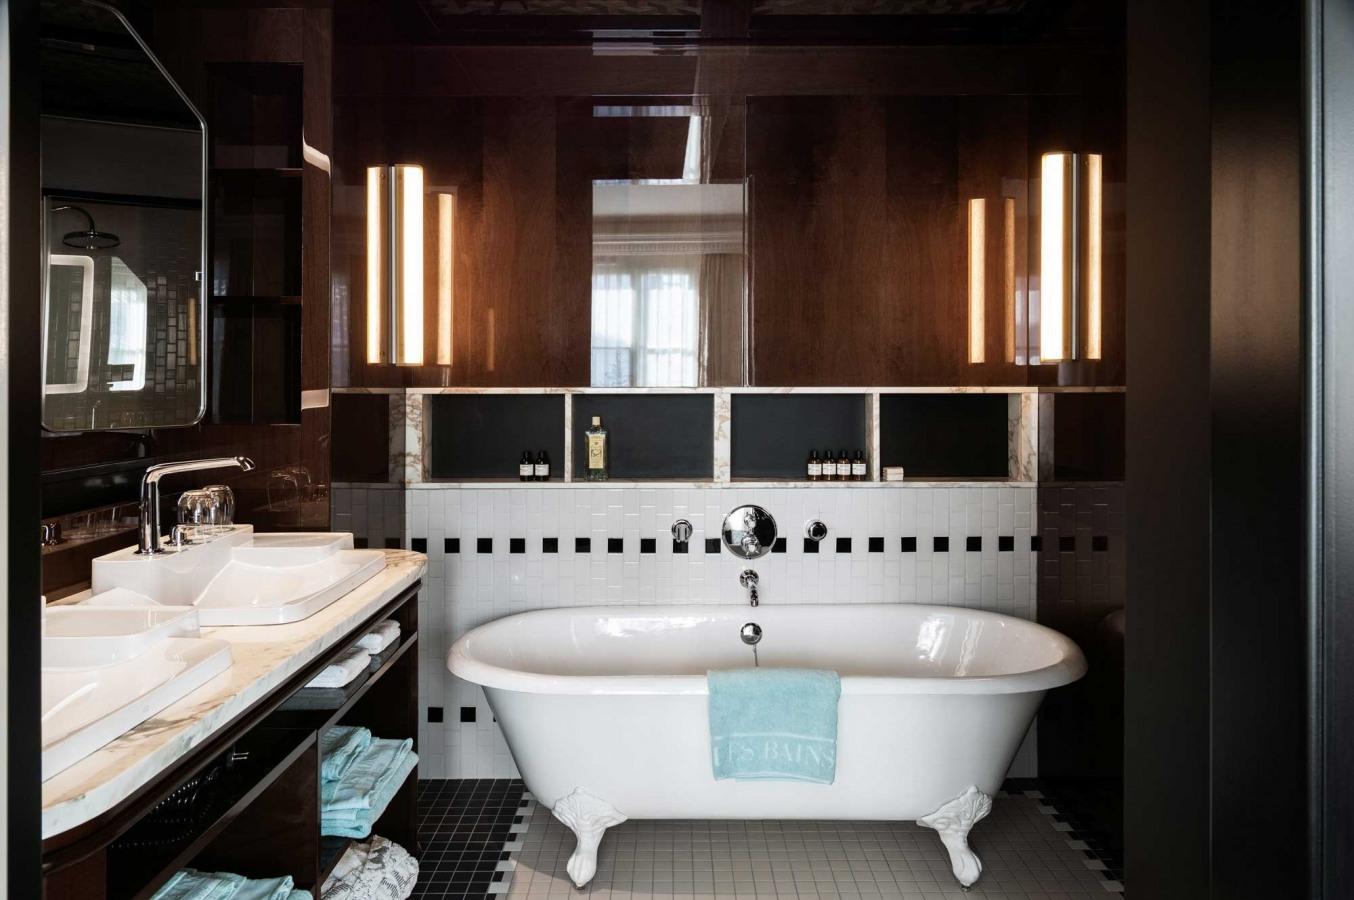 Les bains paris sur h tel paris for Hotel des bains paris 14